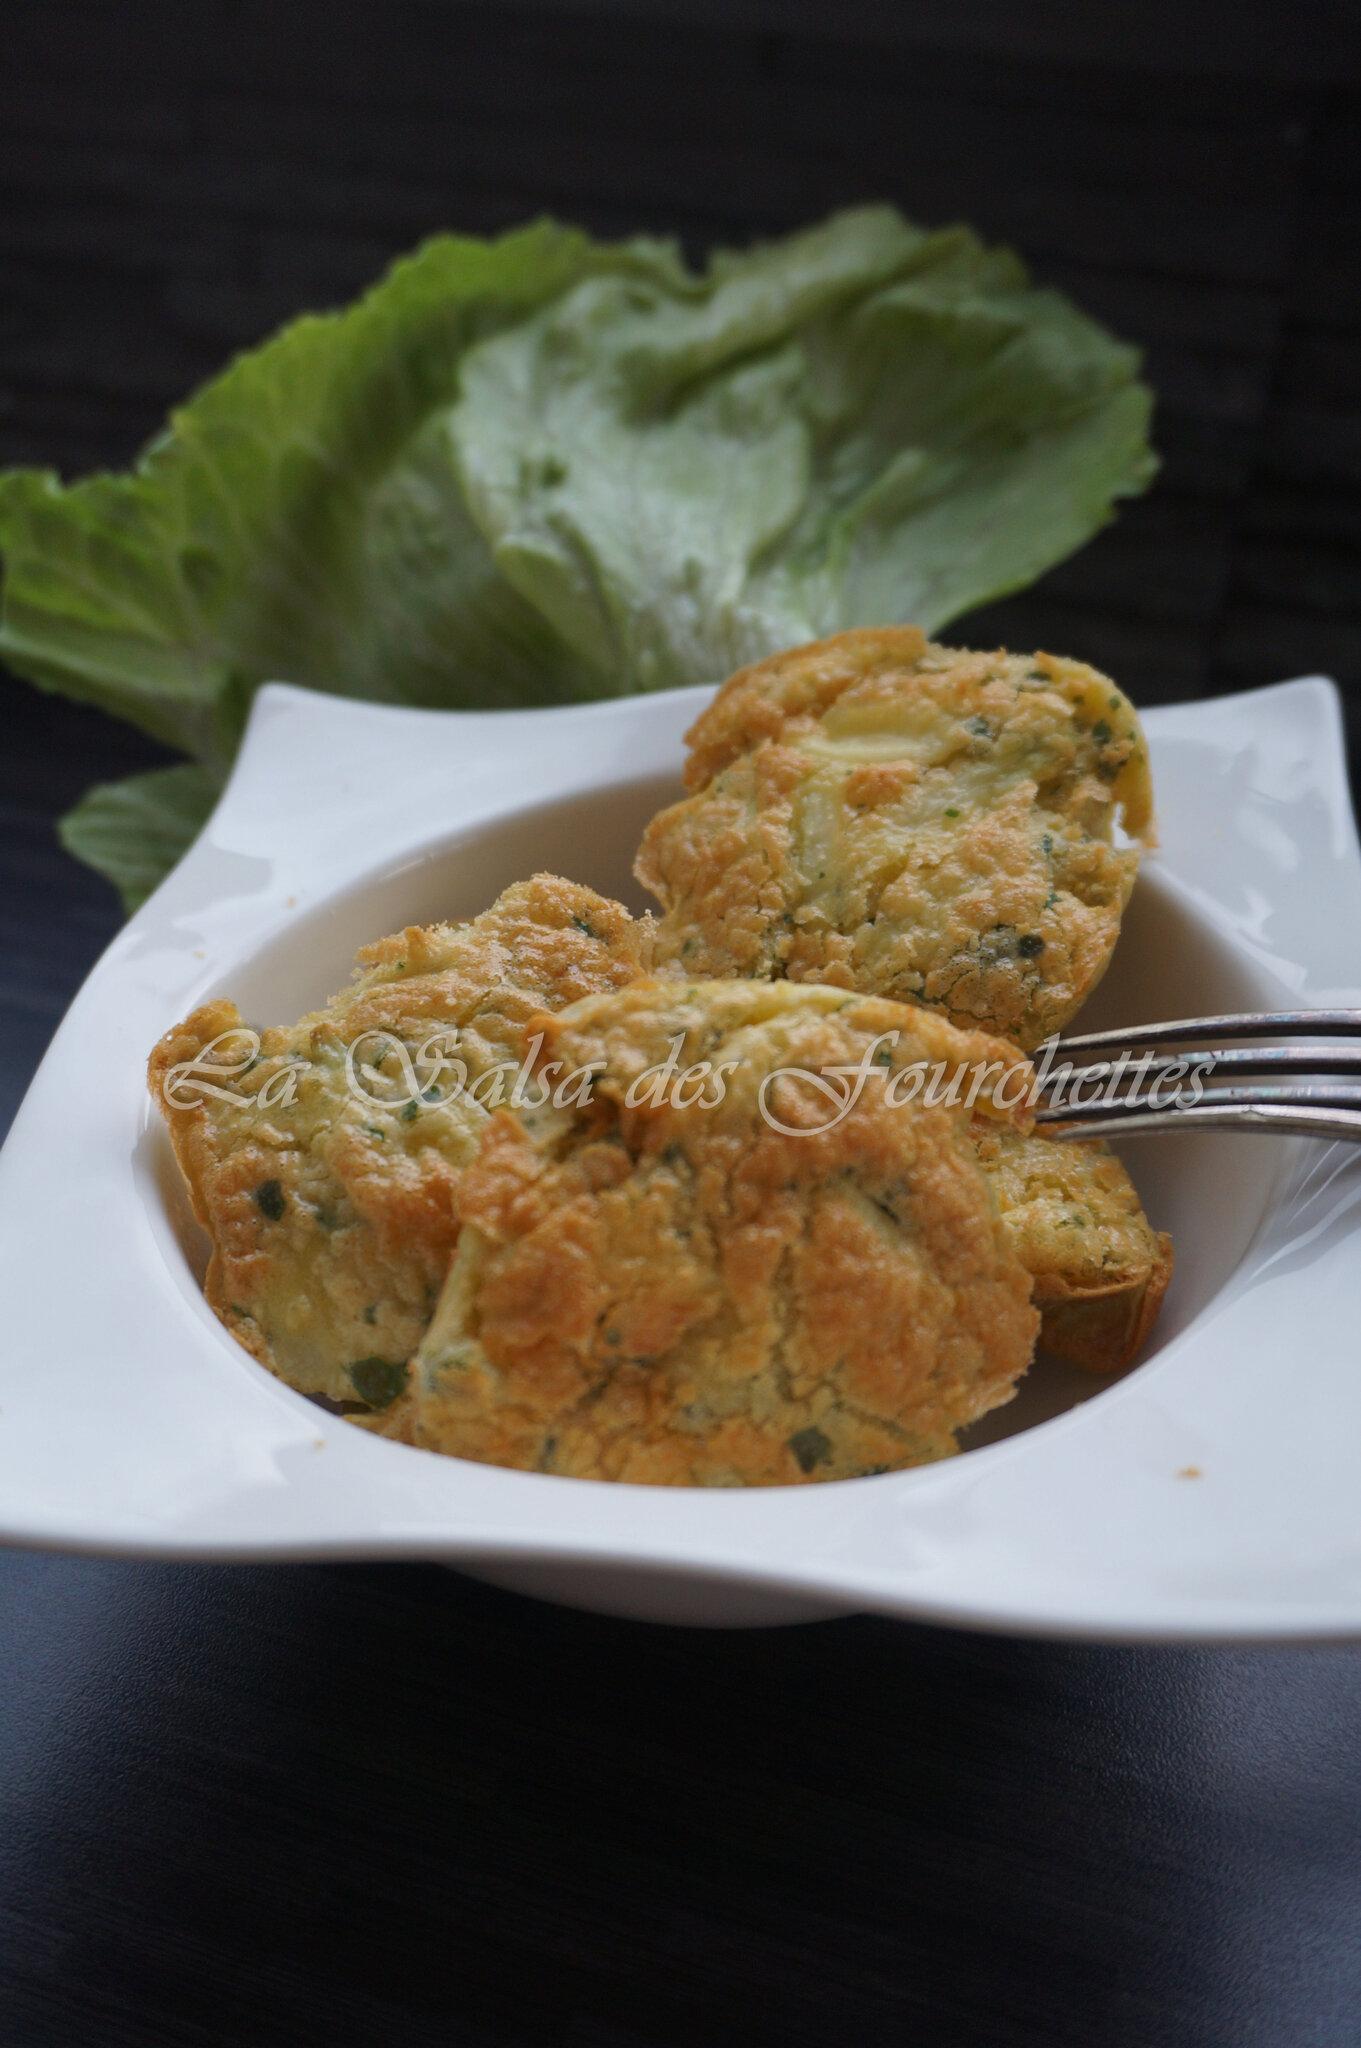 Bouchees oignon persil la salsa des fourchettes - Quand repiquer le persil ...